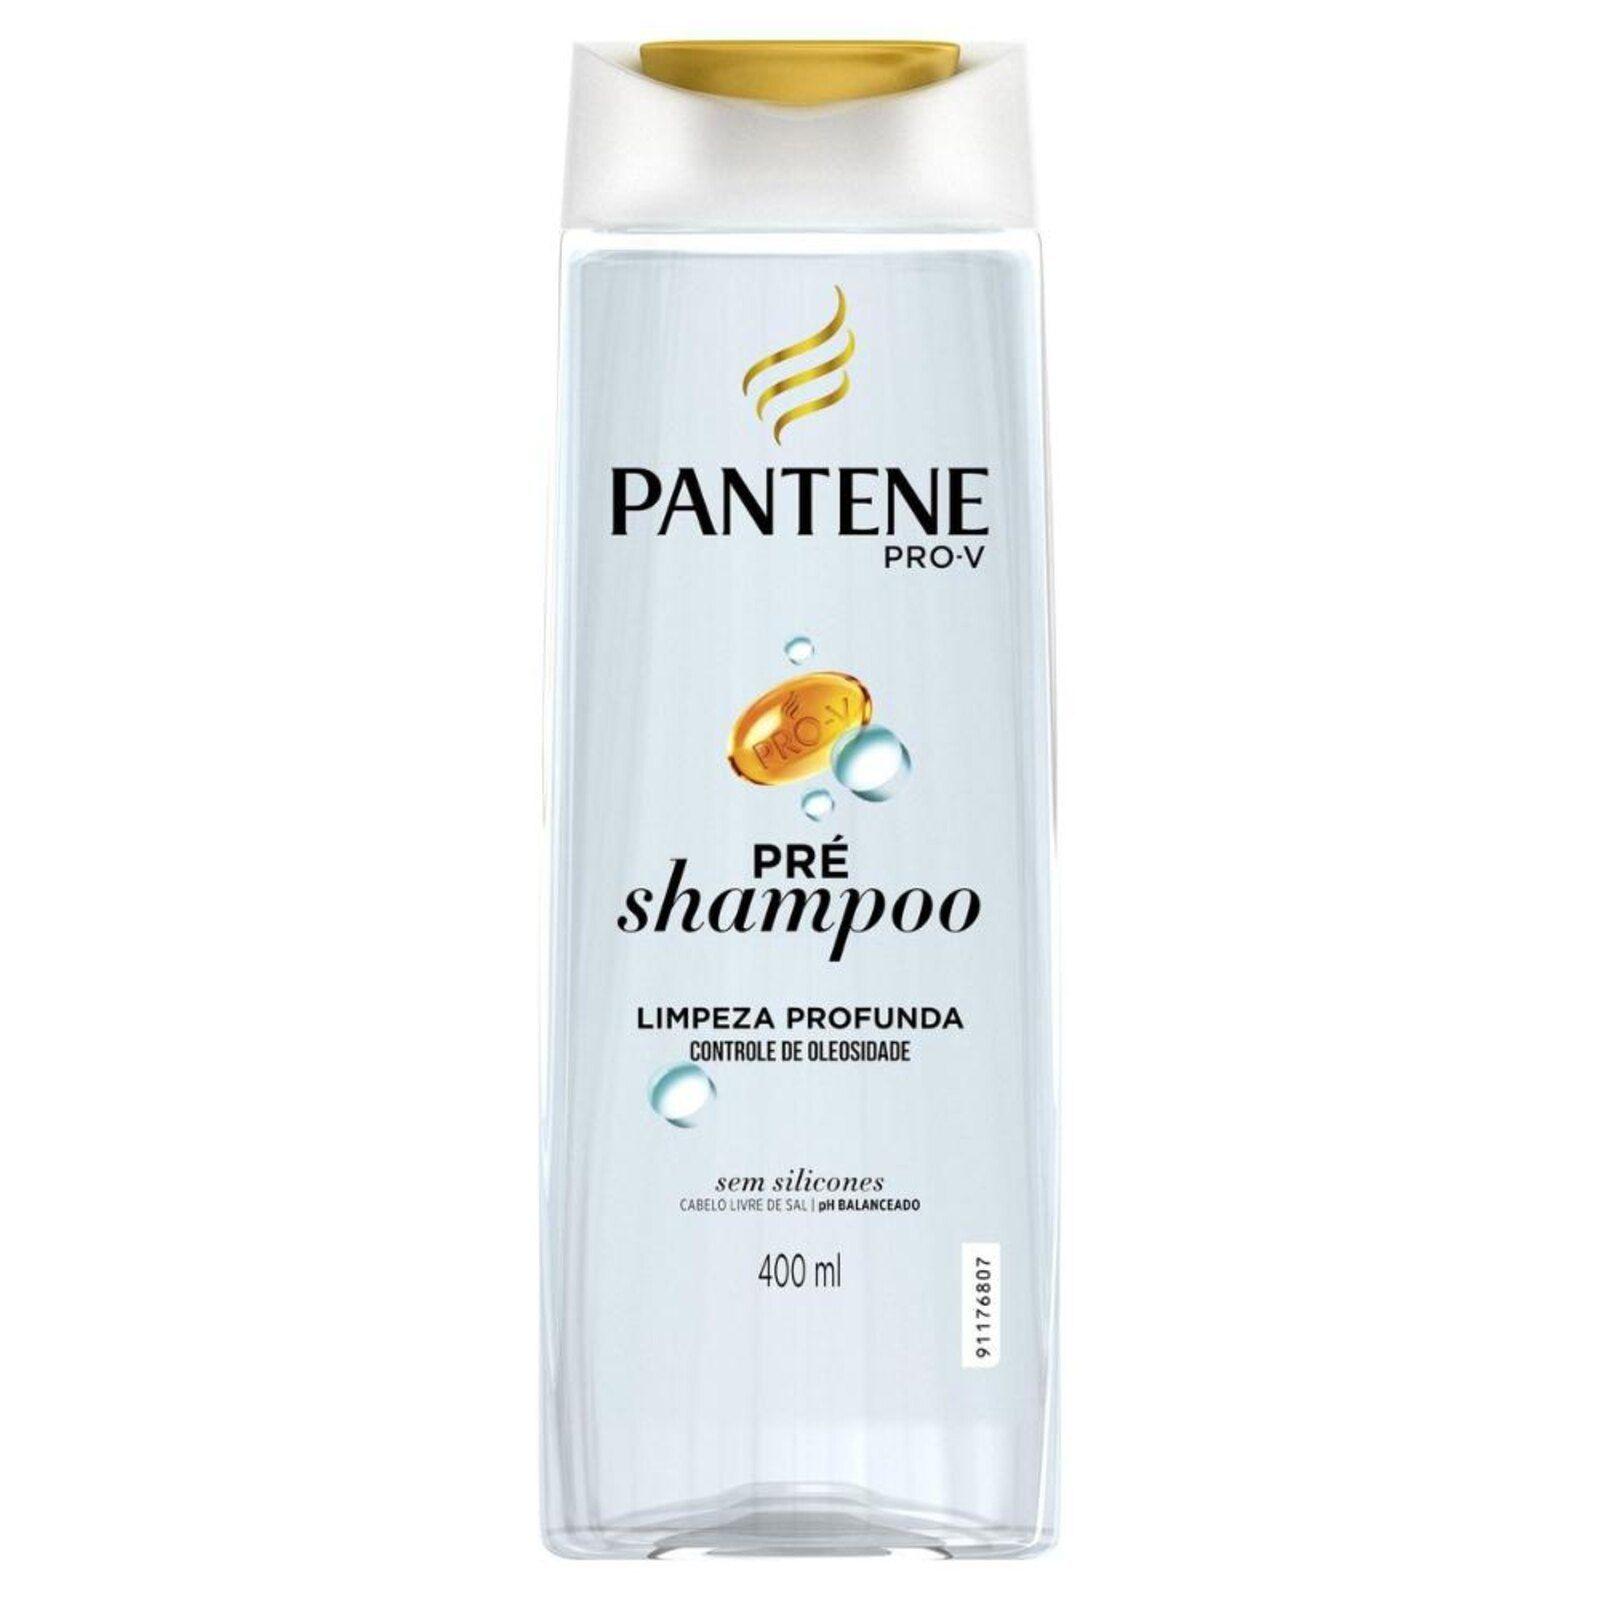 Makeup tools Shampoos pantene Shampoos pantene, Shampoos